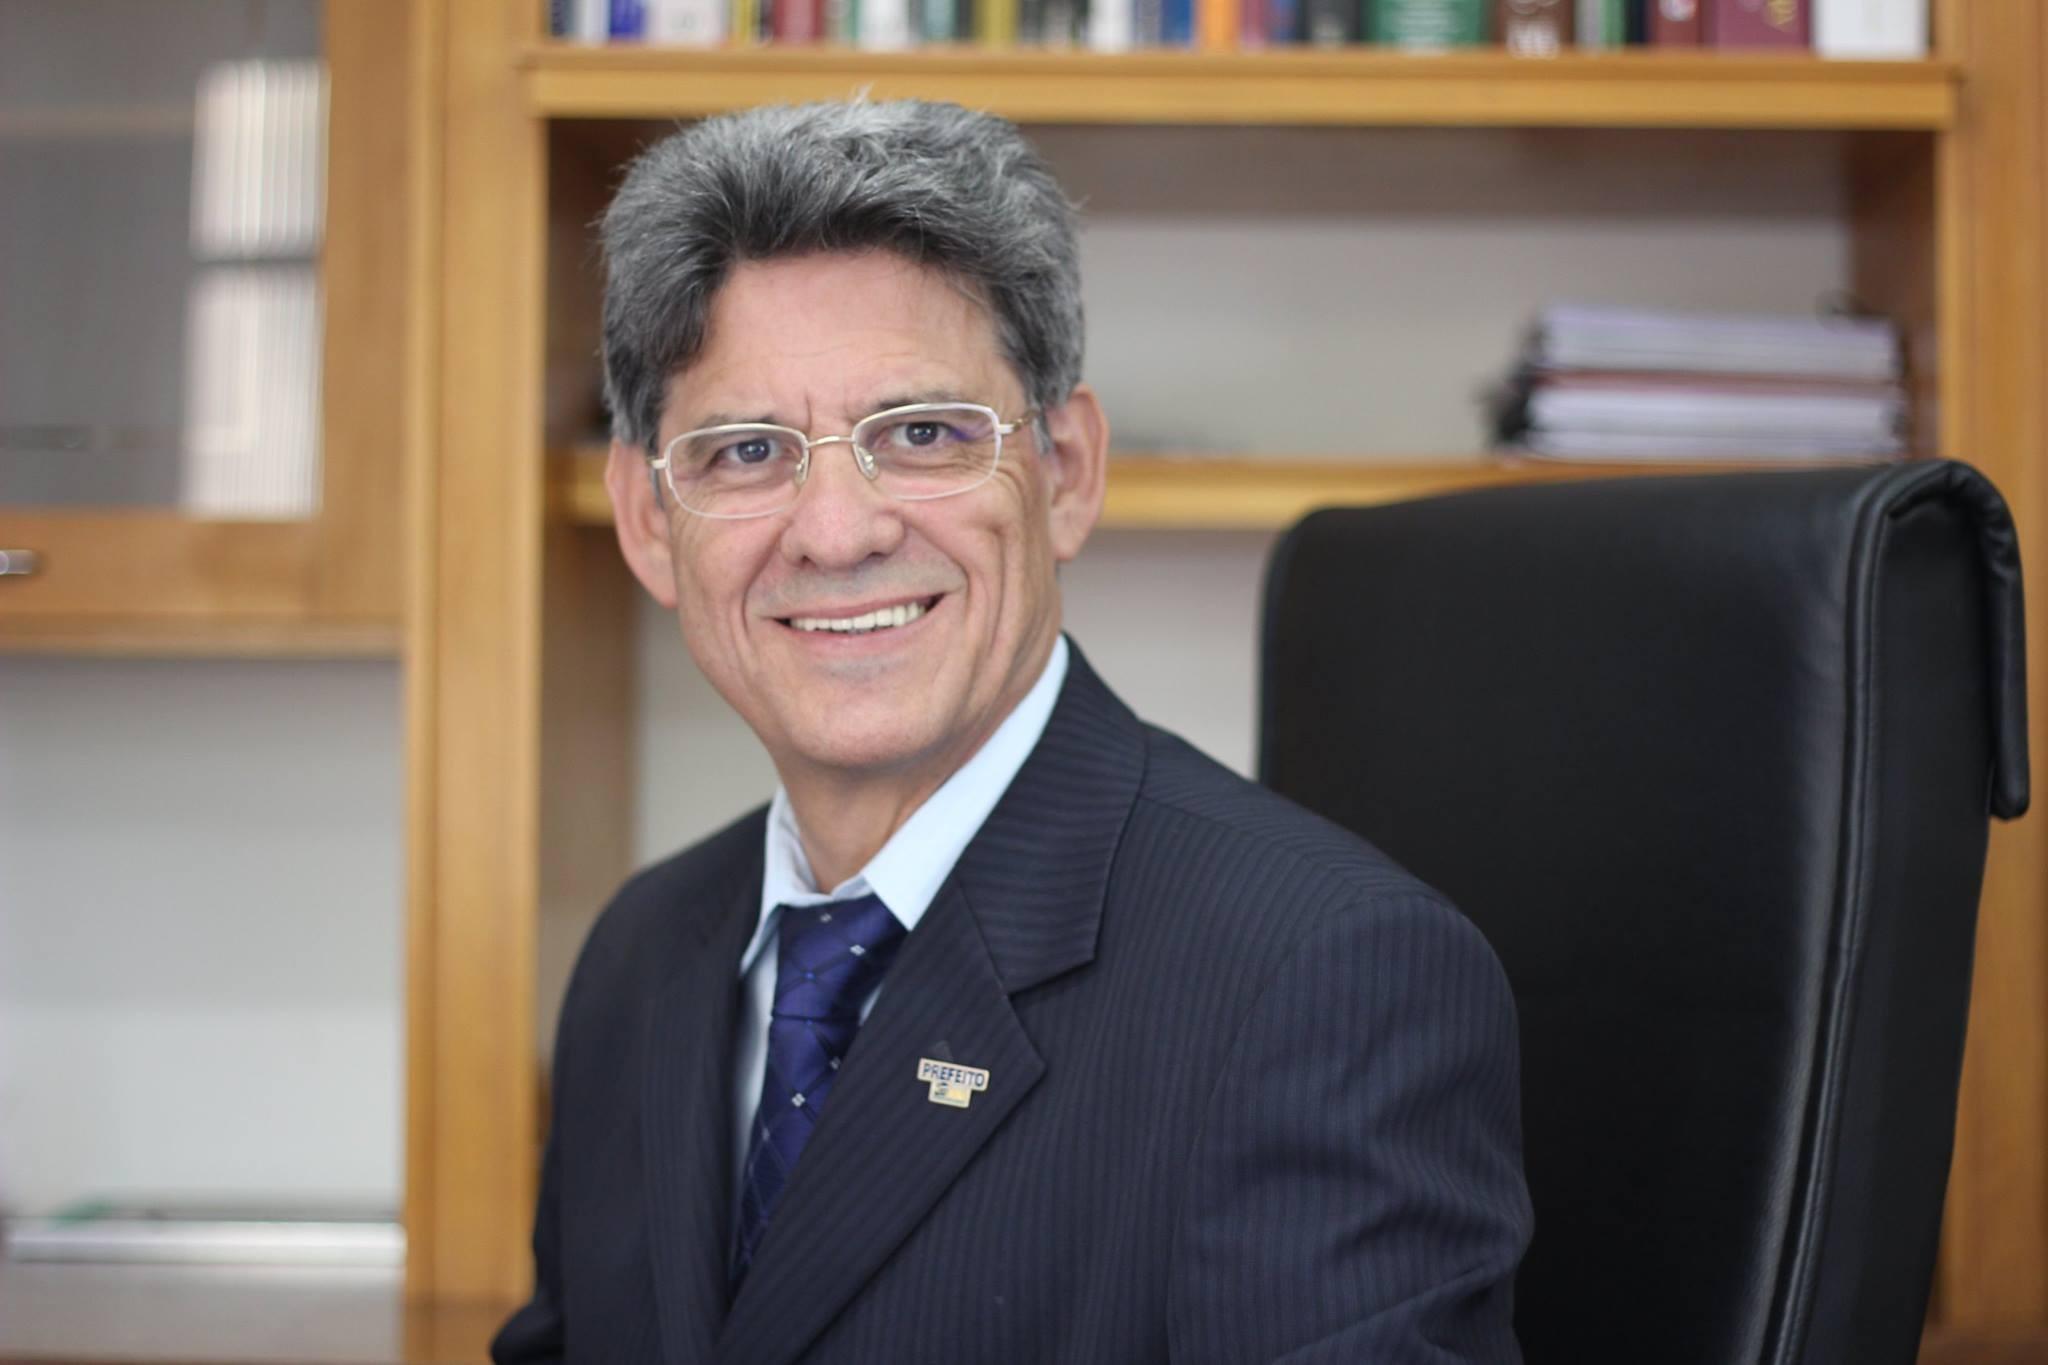 Prefeito e vice de Bom Despacho são cassados pelo Tribunal Regional Eleitoral - Notícias - Plantão Diário